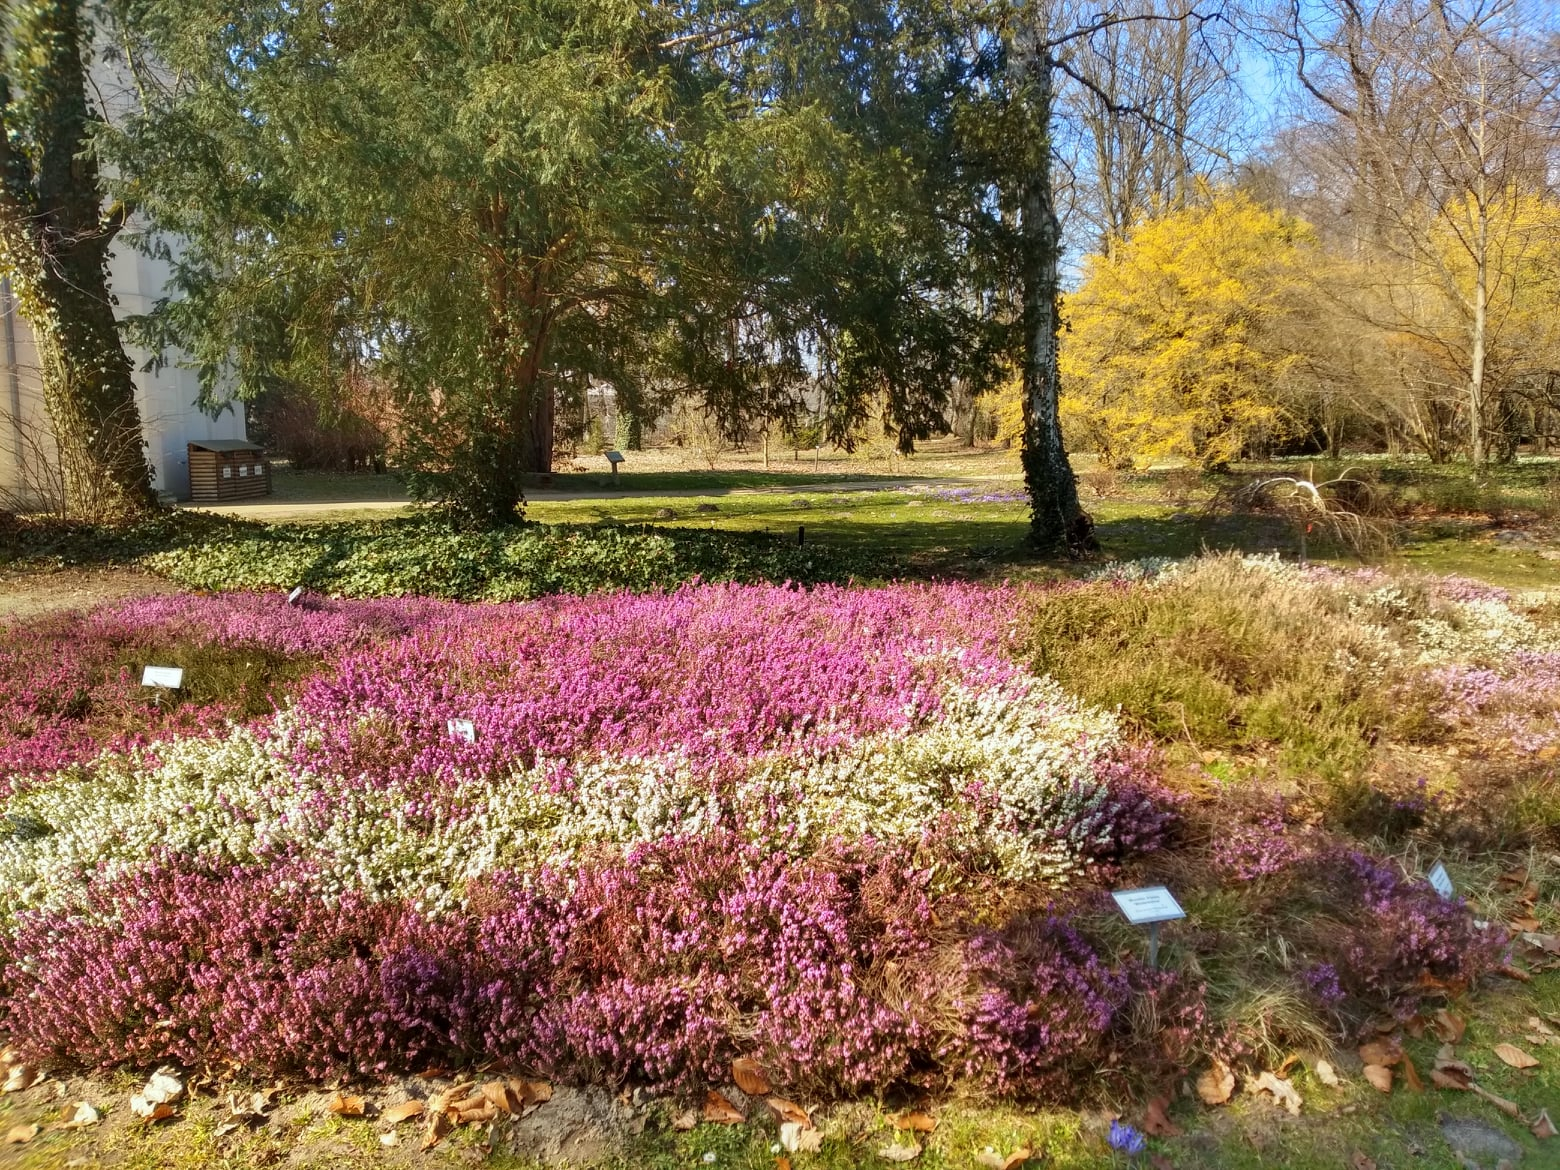 Wiosna w Arboretum Kórnickim. Kwitnie coraz więcej roślin